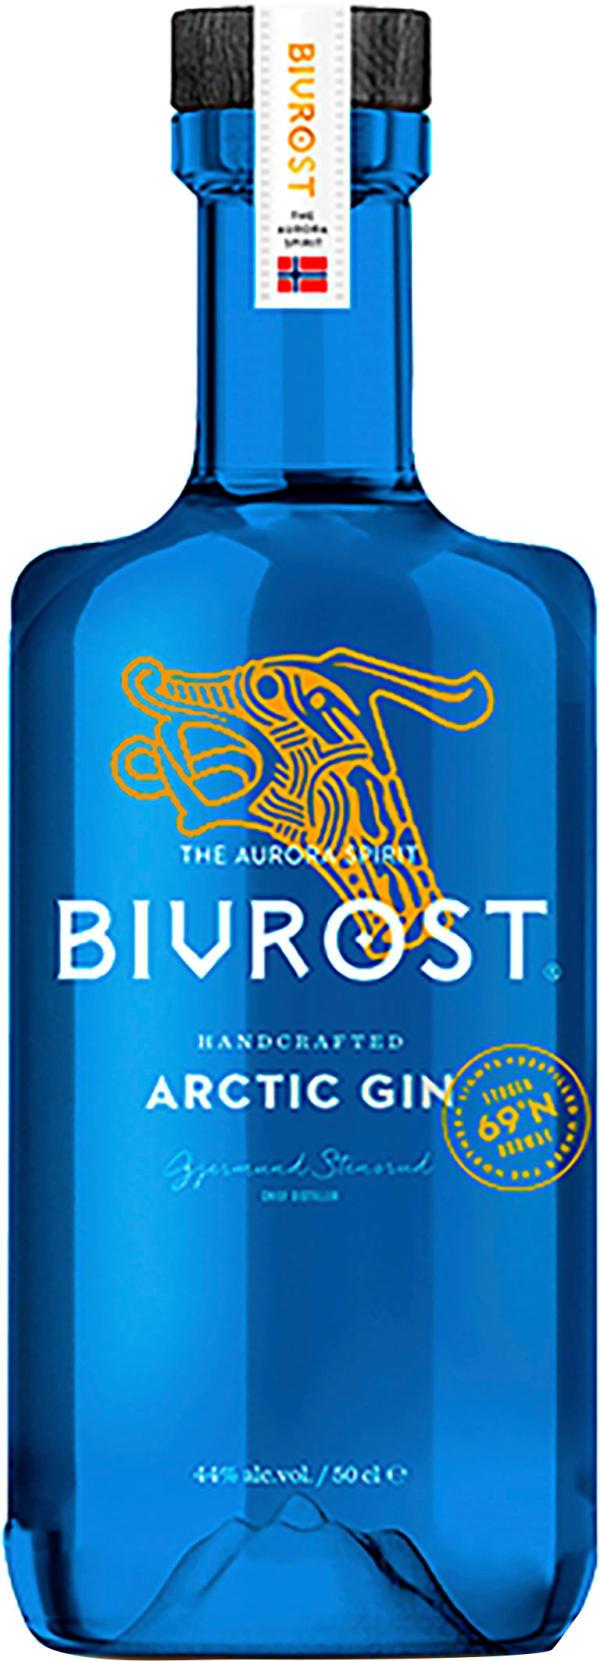 Bivrost Artic Gin